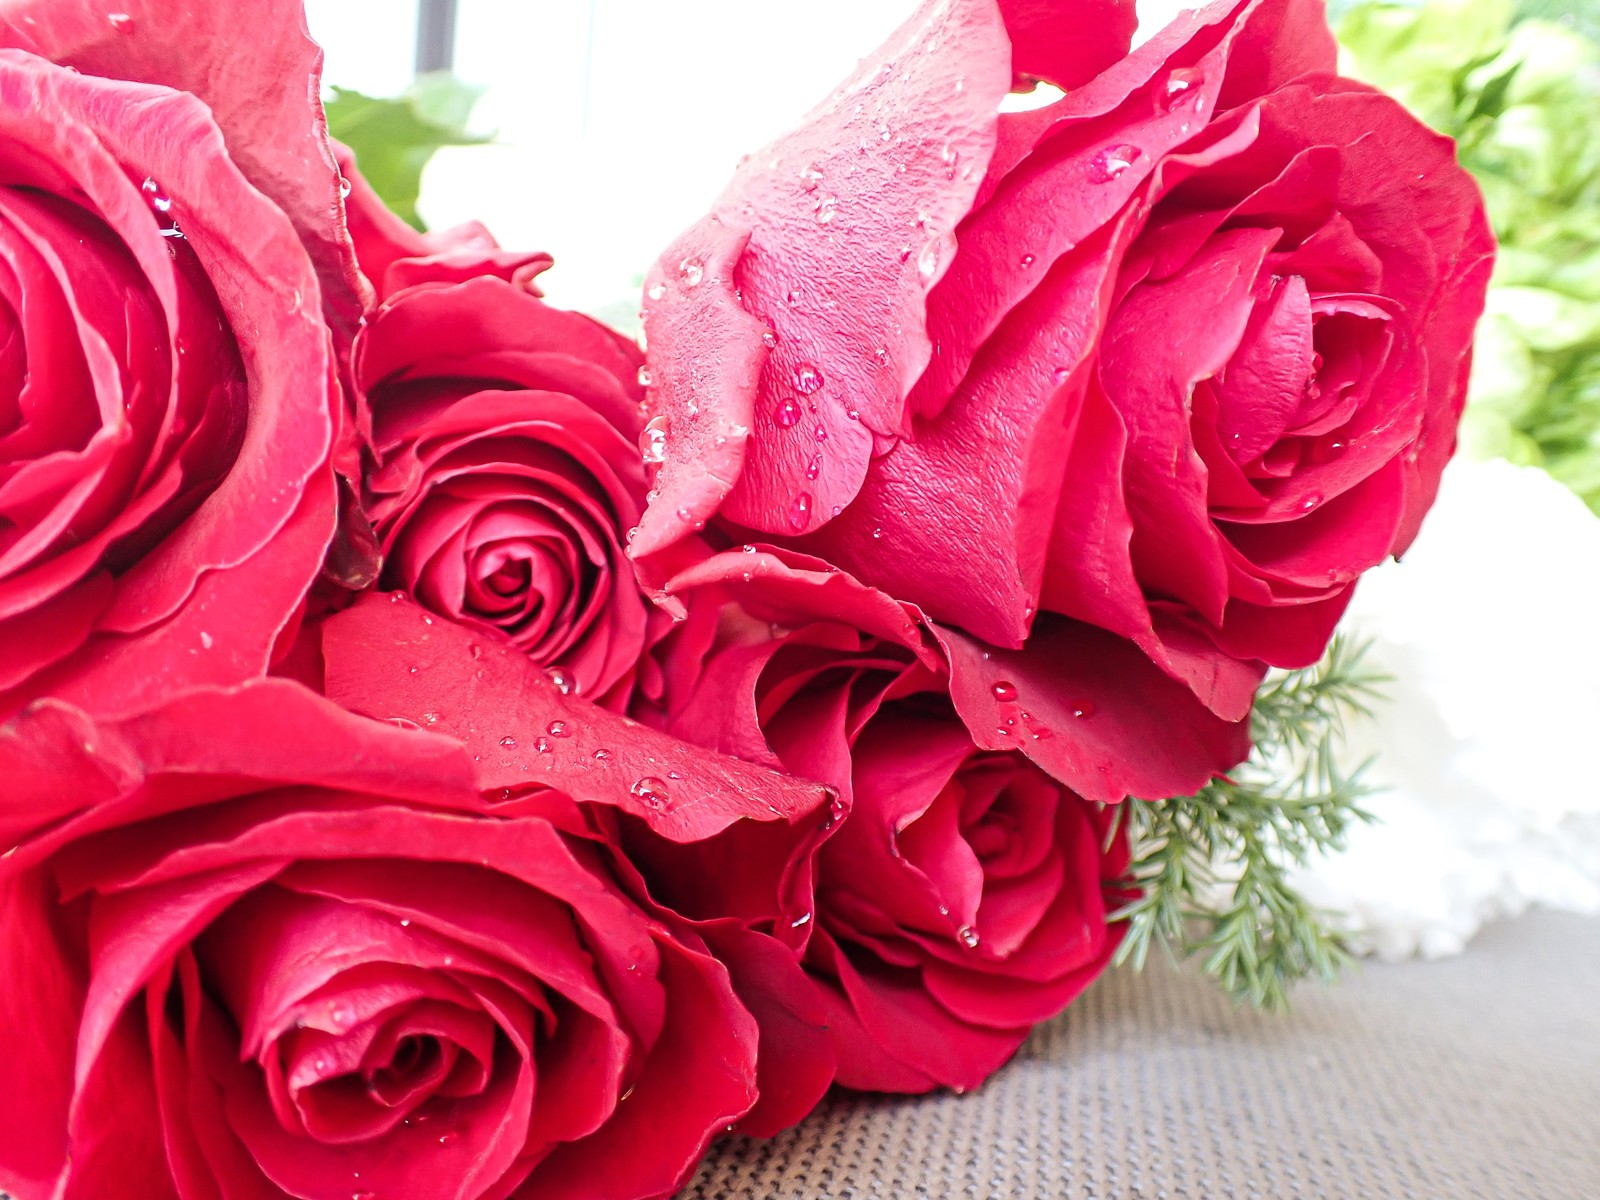 「フレッシュな薔薇束」の写真